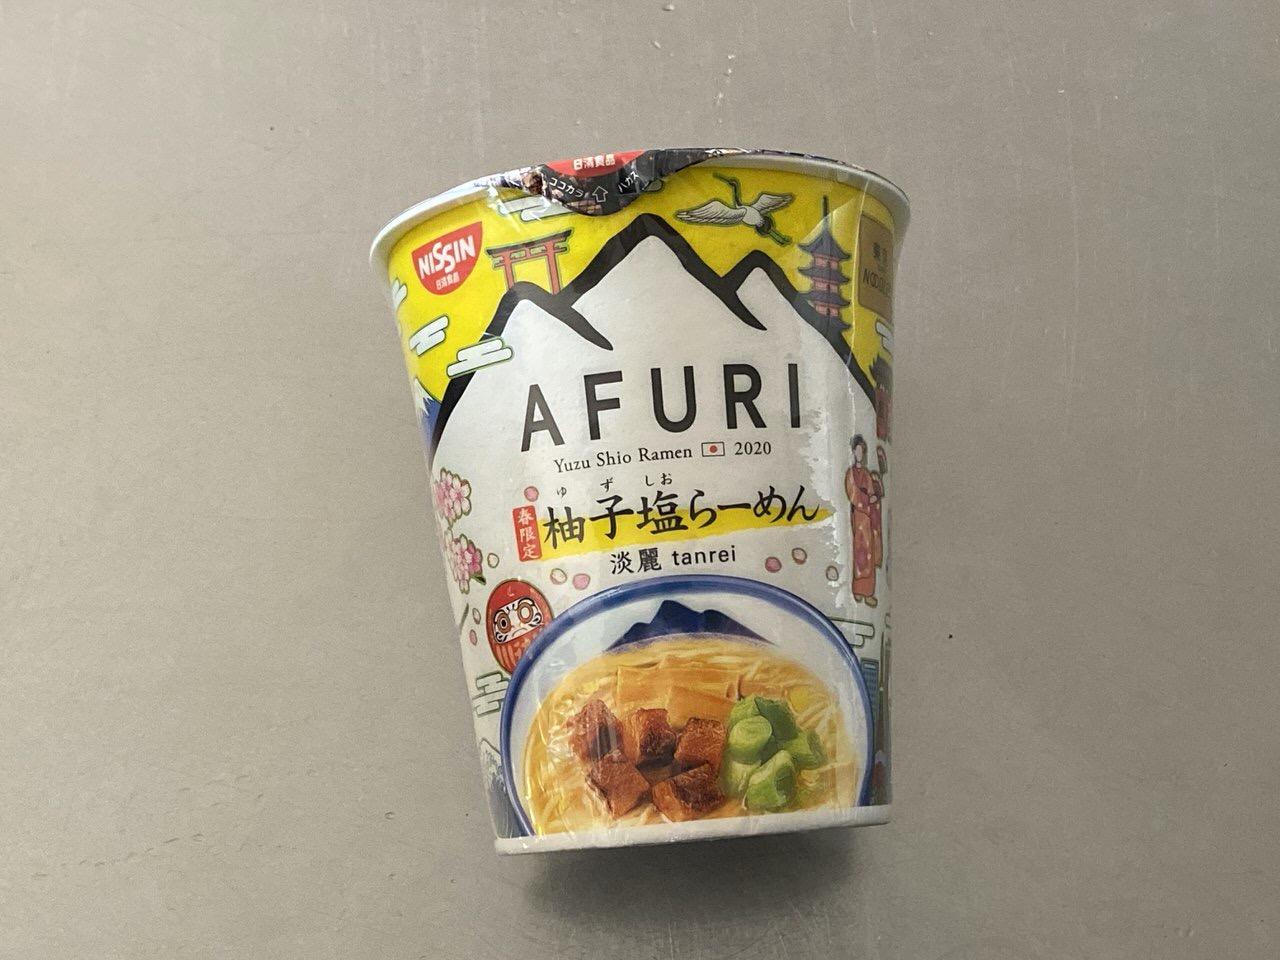 日清「AFURI 春限定 柚子塩らーめん 淡麗(2020)」もはや季節の風物詩!やっぱり今回も柚子で美味い